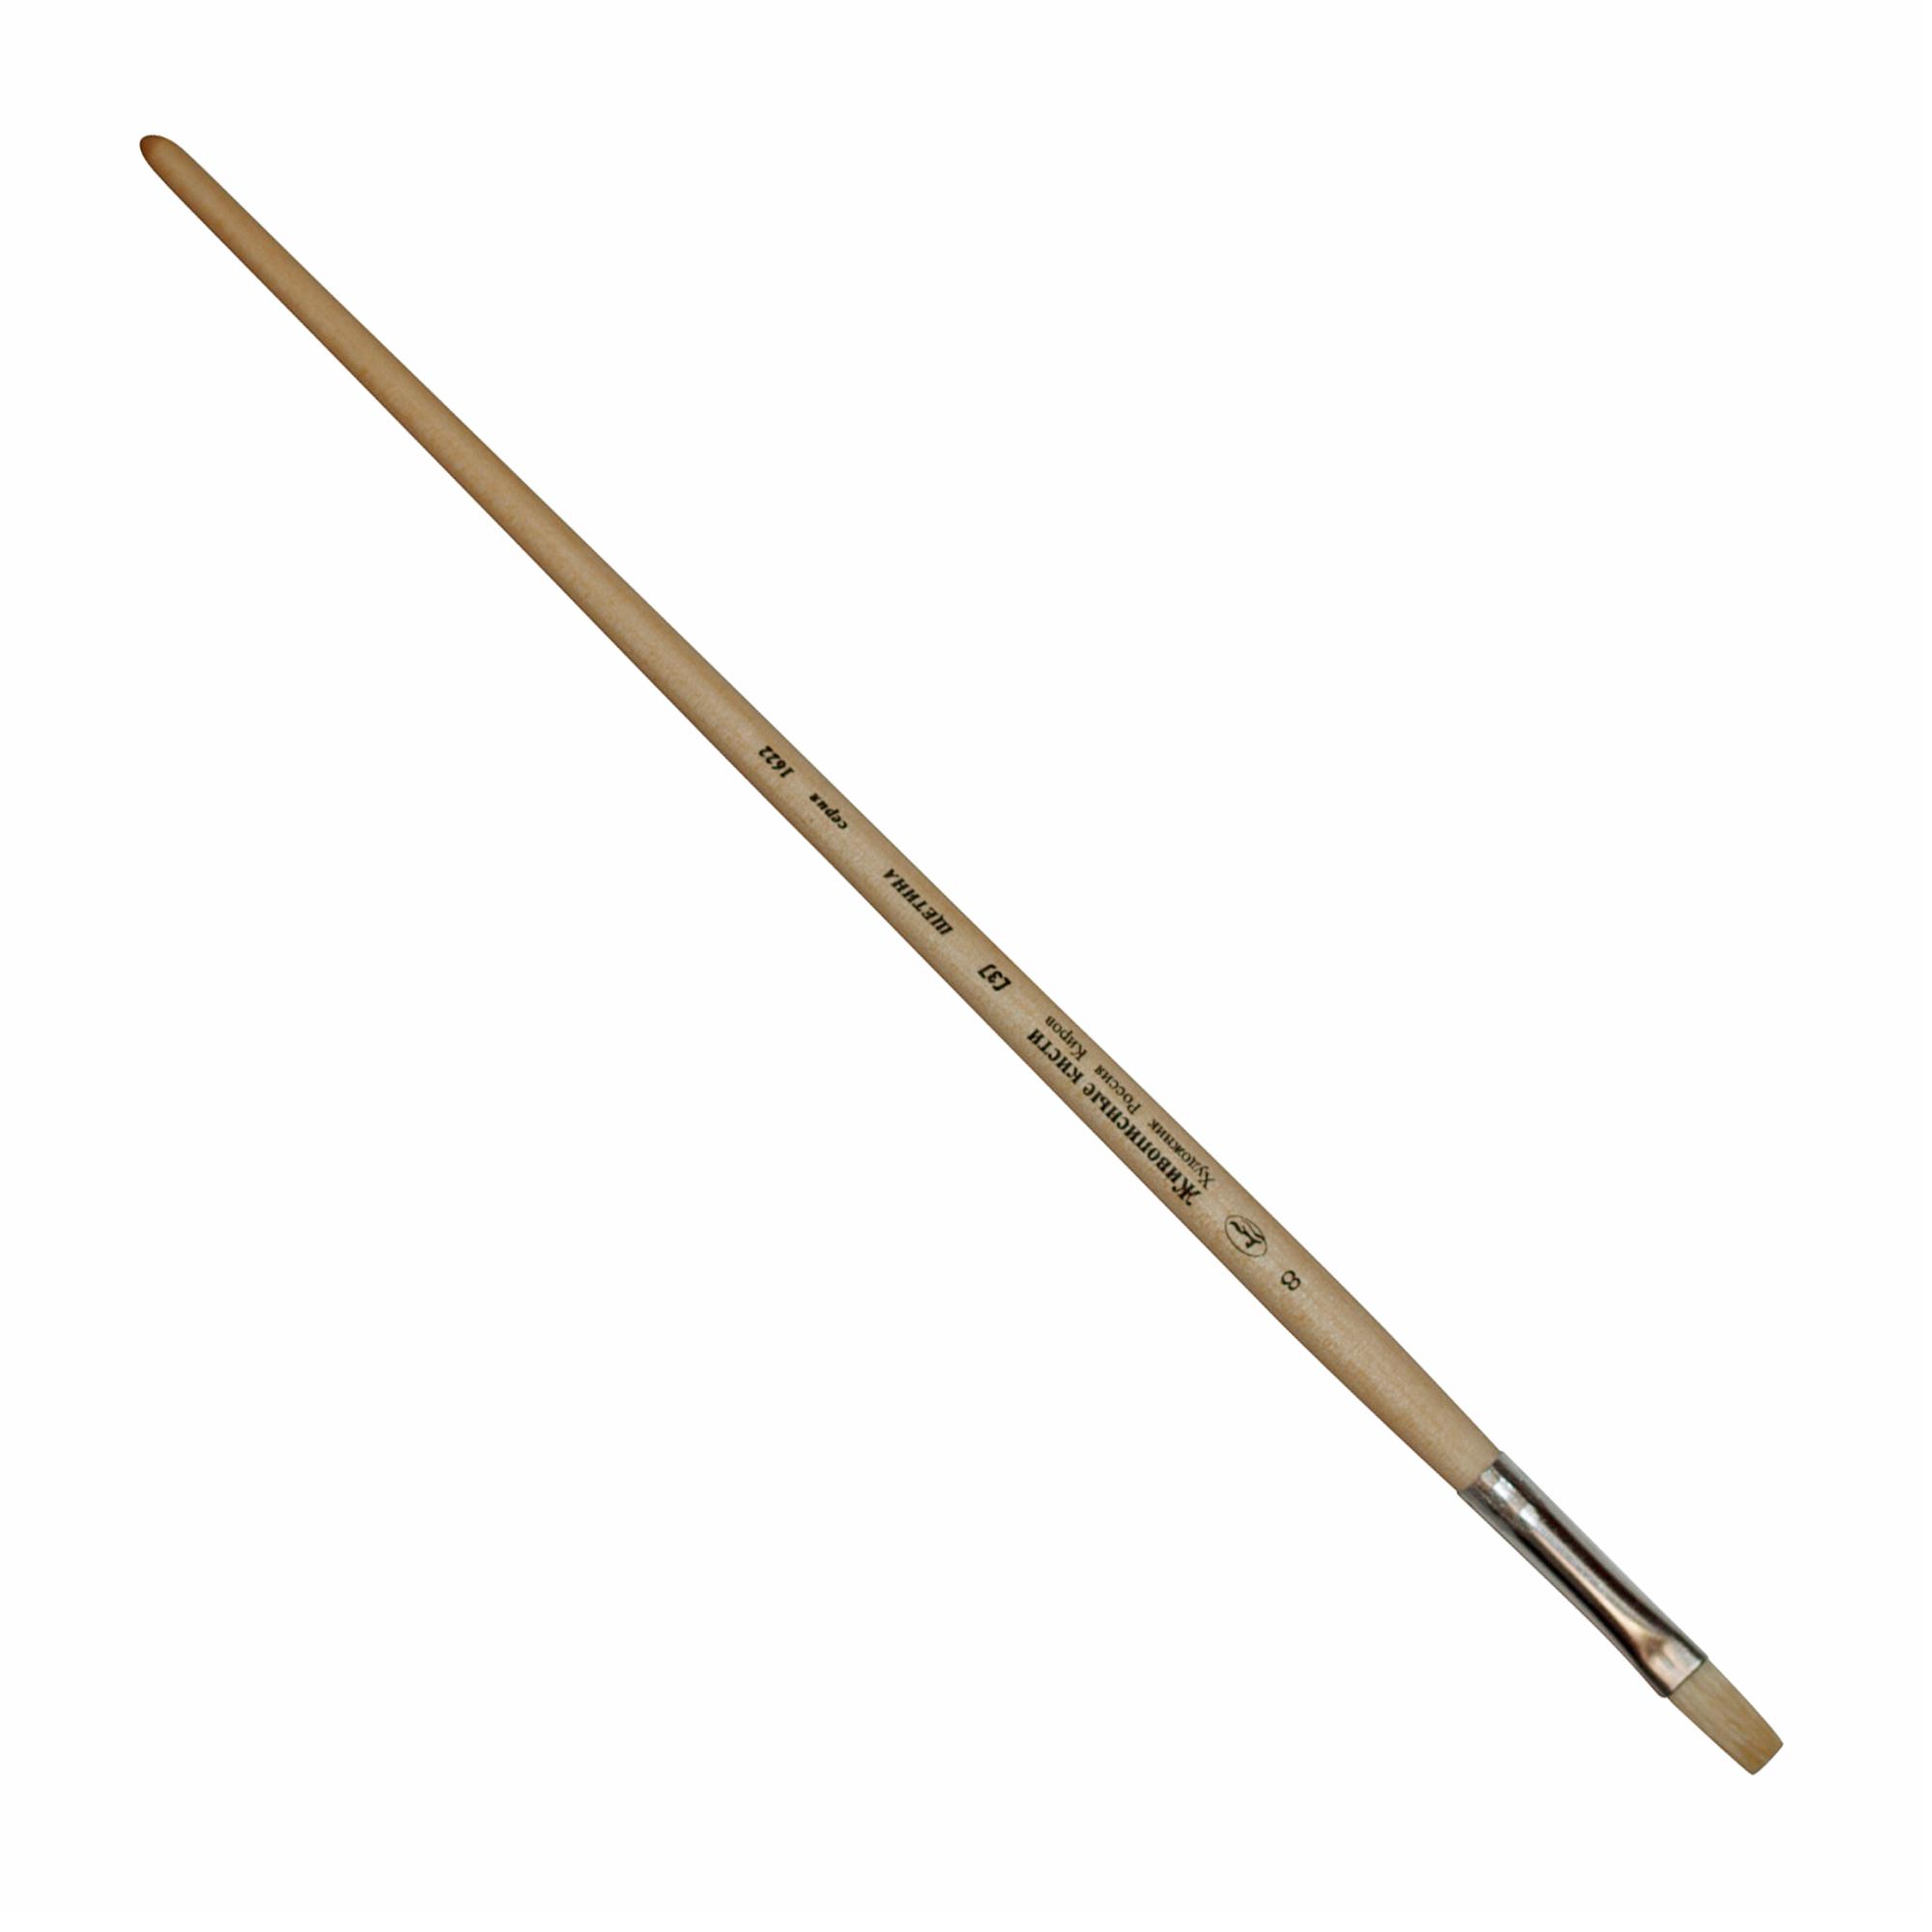 Купить Кисть щетина №14 плоская Живописные кисти 1622 длинная ручка п/лак, Россия